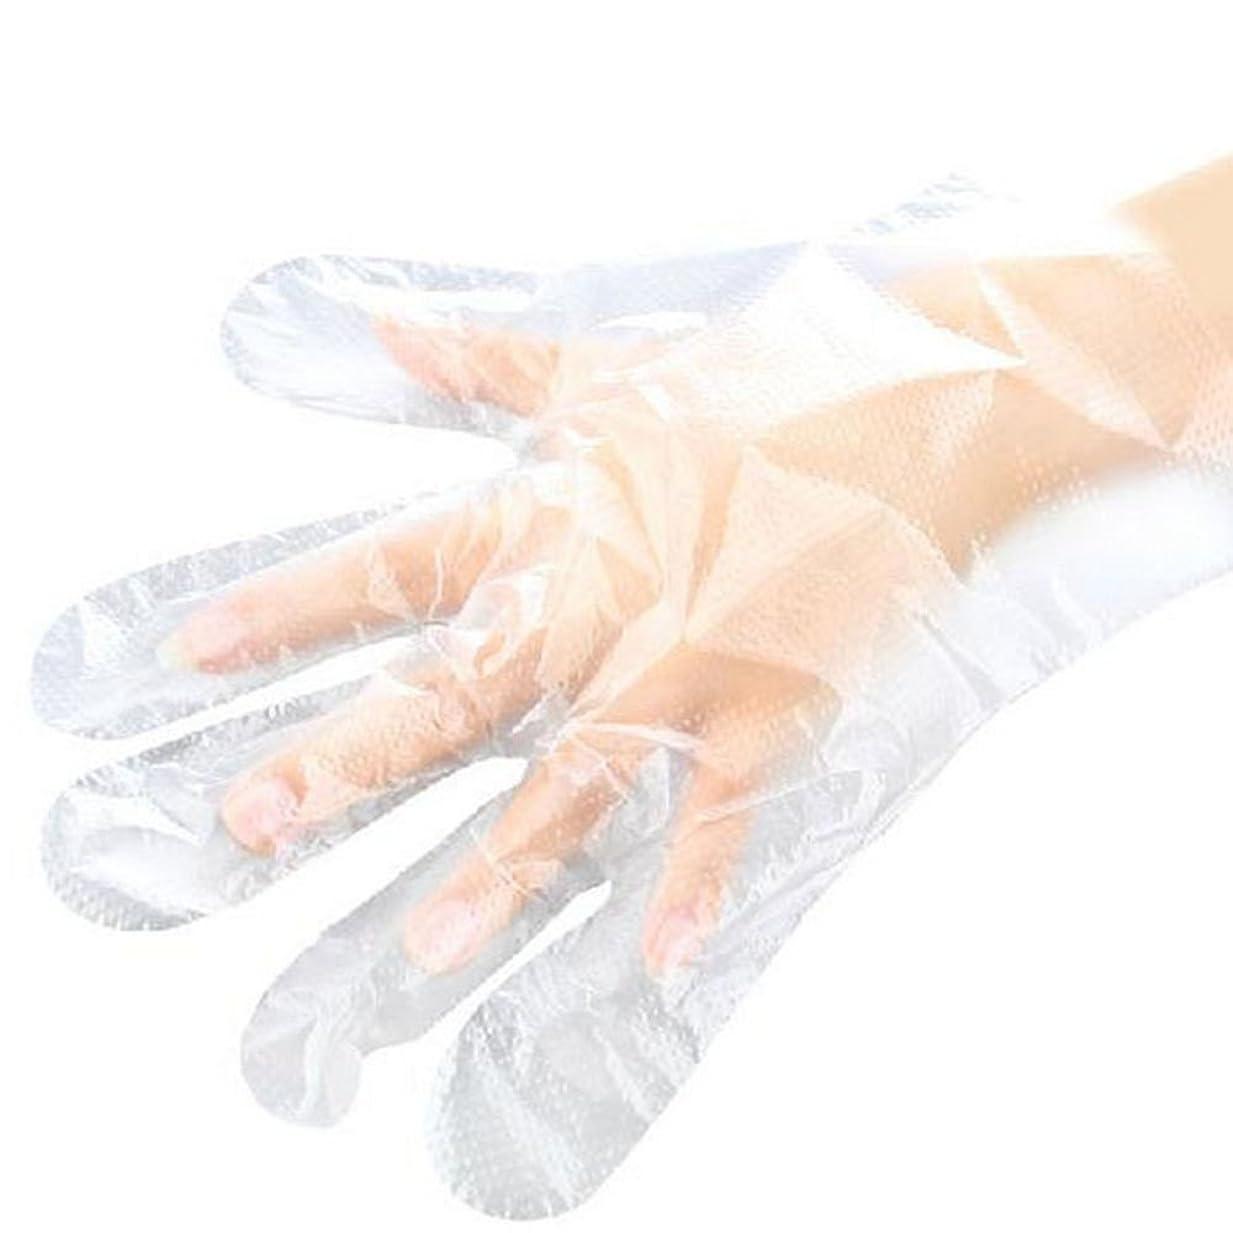 ディプロマ咳あなたのもの山の奥 使い捨て手袋 ポリエチレン使い切り手袋 極薄 調理 透明 実用 衛生 100枚入